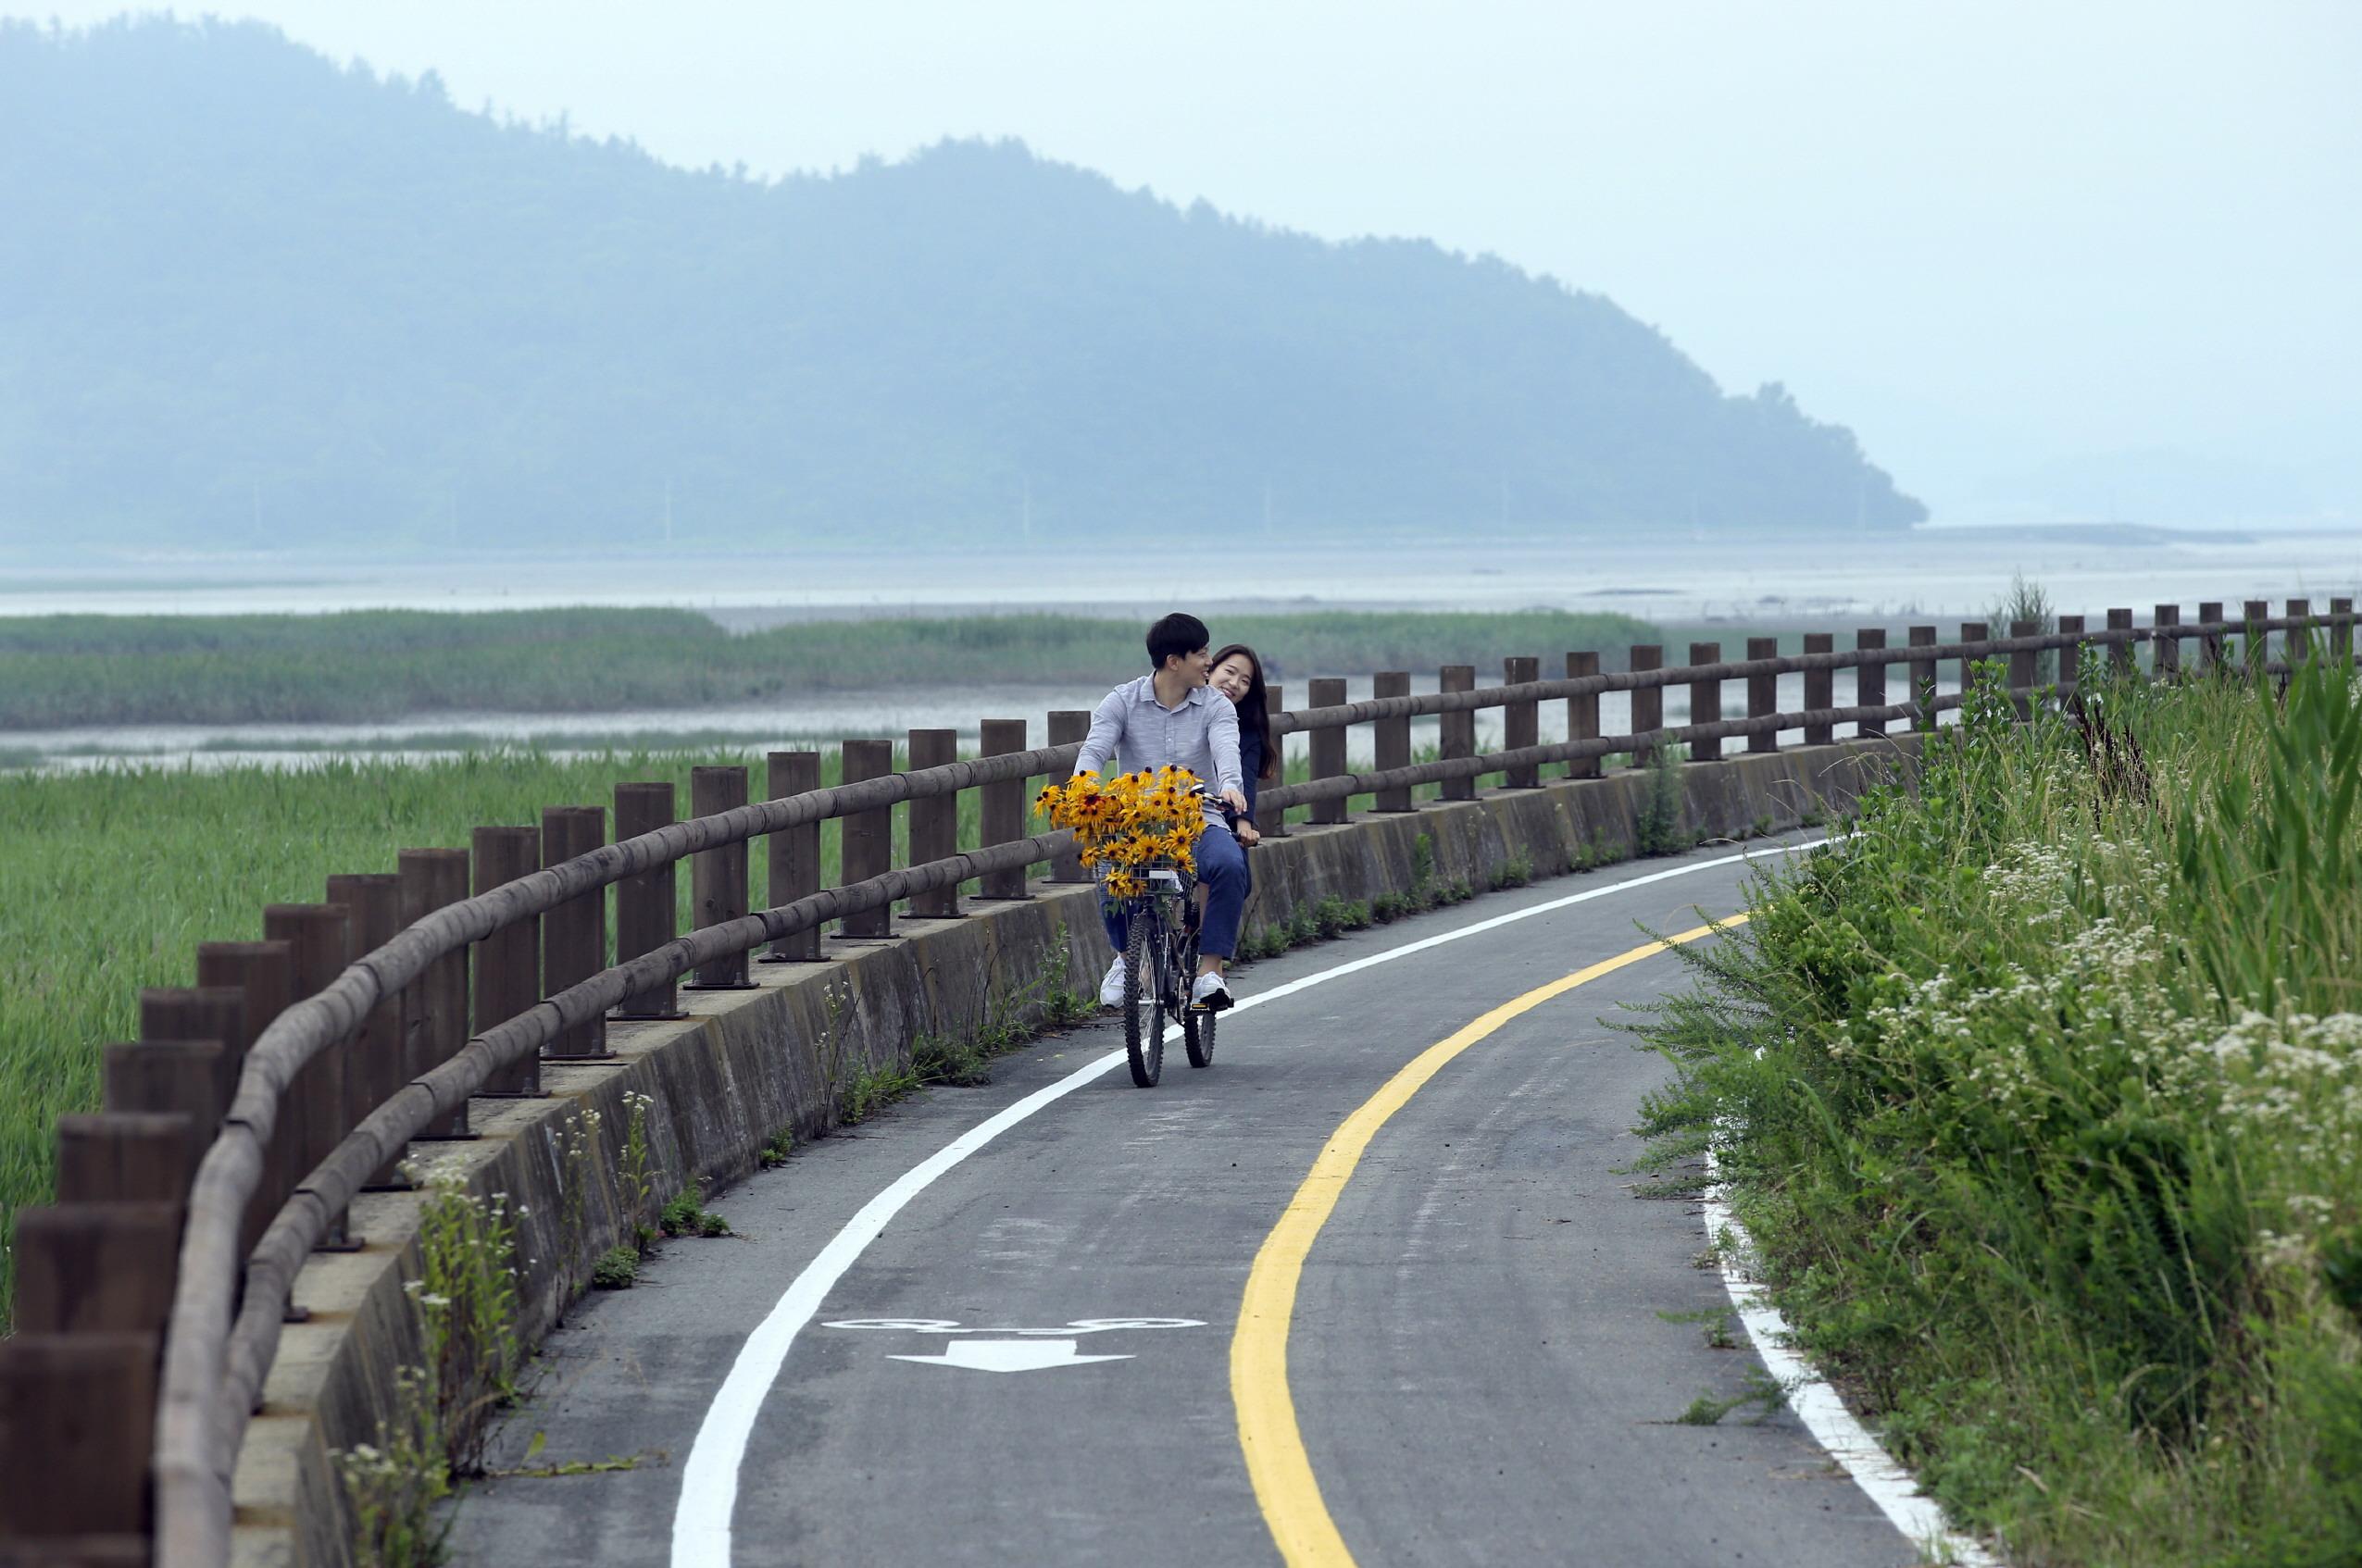 왼쪽엔 갈대숲이 오른쪽엔 코스모스. 자전거를 타도 좋겠다. 강진만의 바닷바람은 다르다.